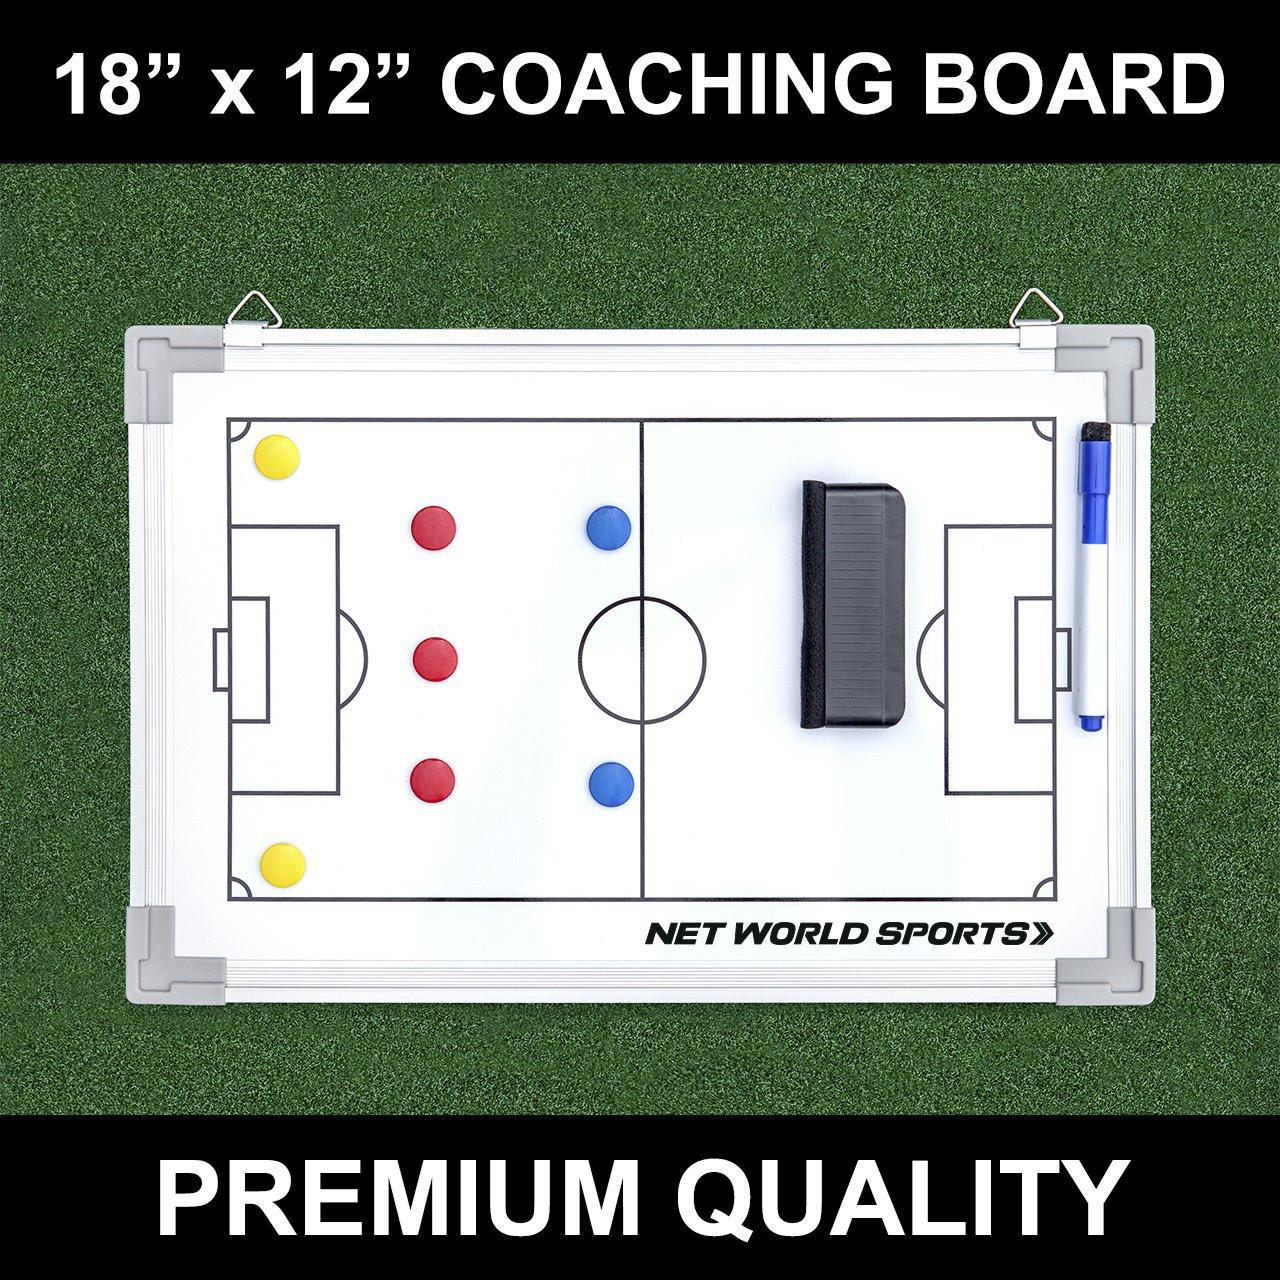 Soccer Tactics/Coaching Board 18in x 12in [45cm x 30cm] - [Net World Sports]